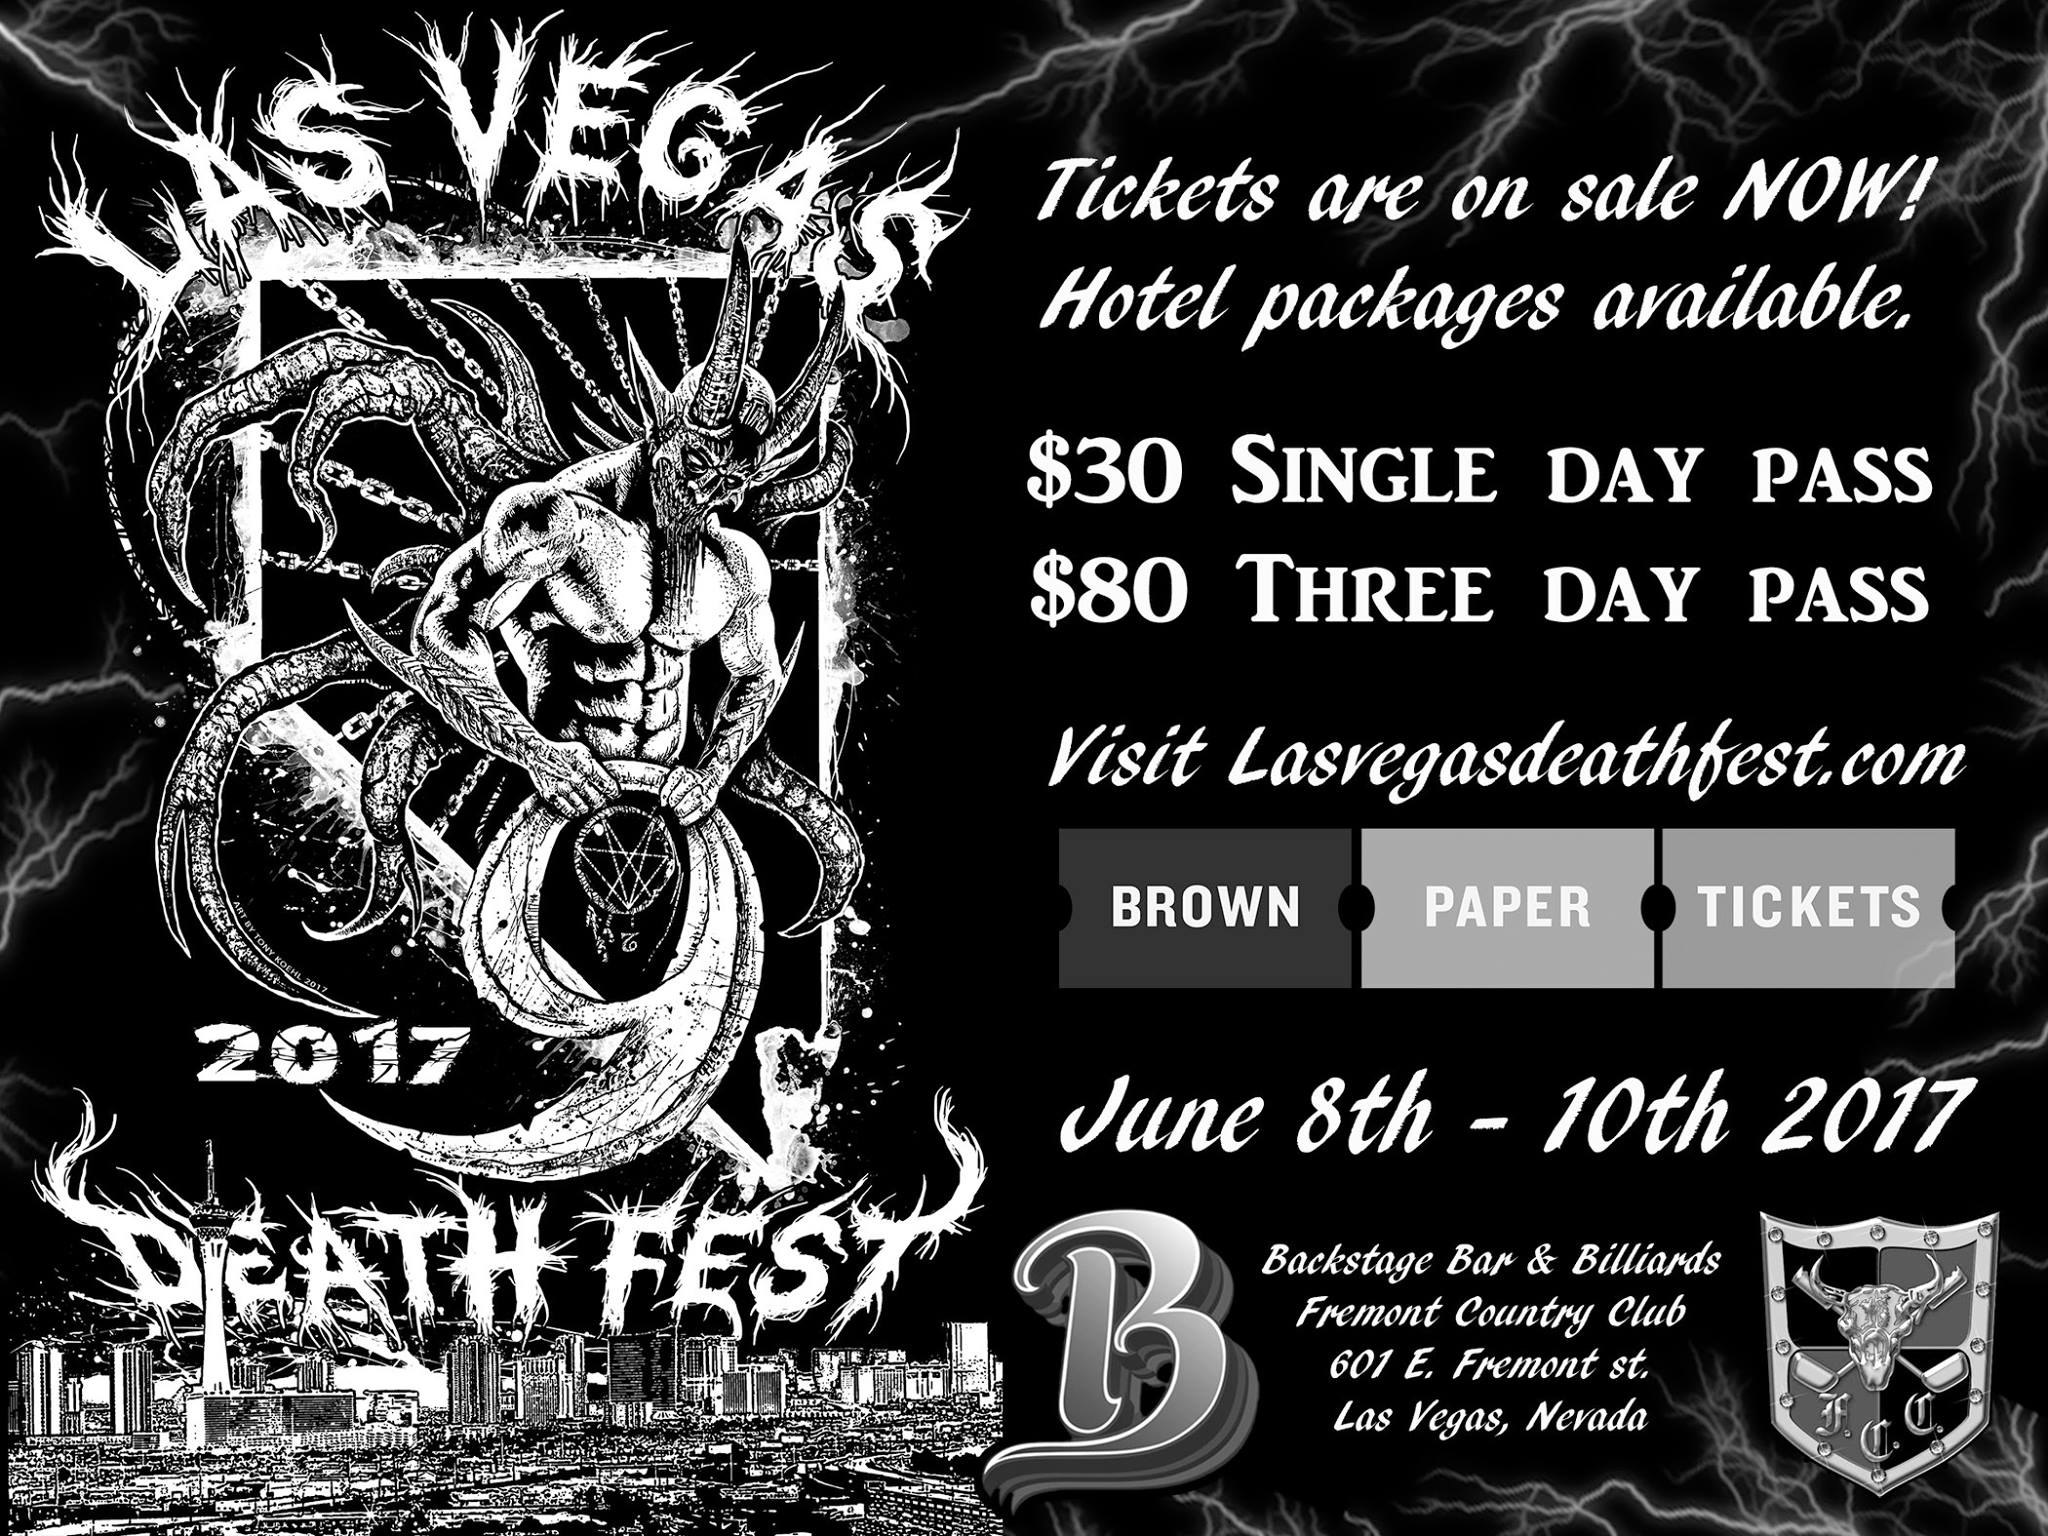 Las Vegas Deathfest 2017